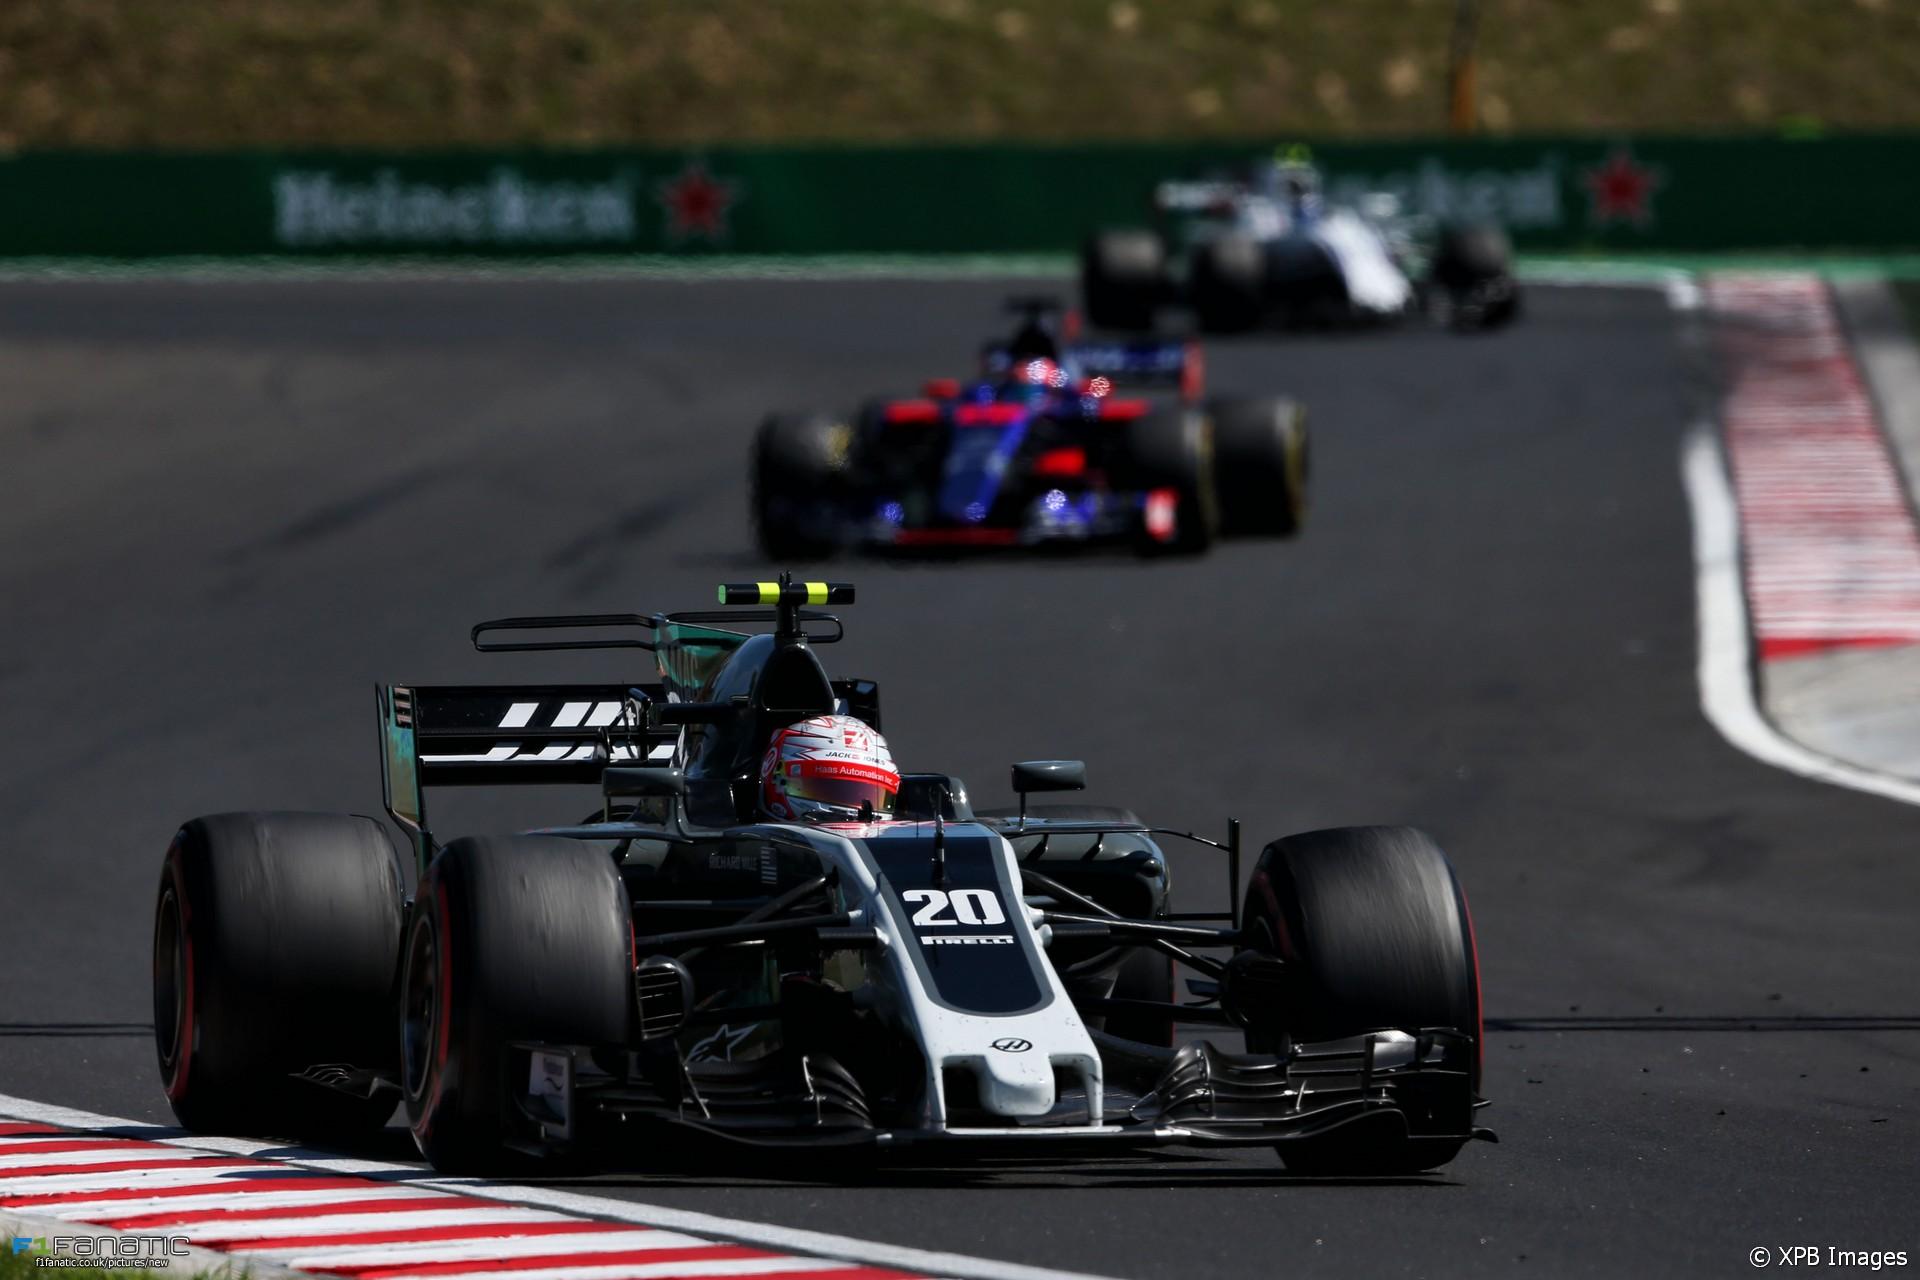 Kevin Magnussen, Haas, Hungaroring, 2017